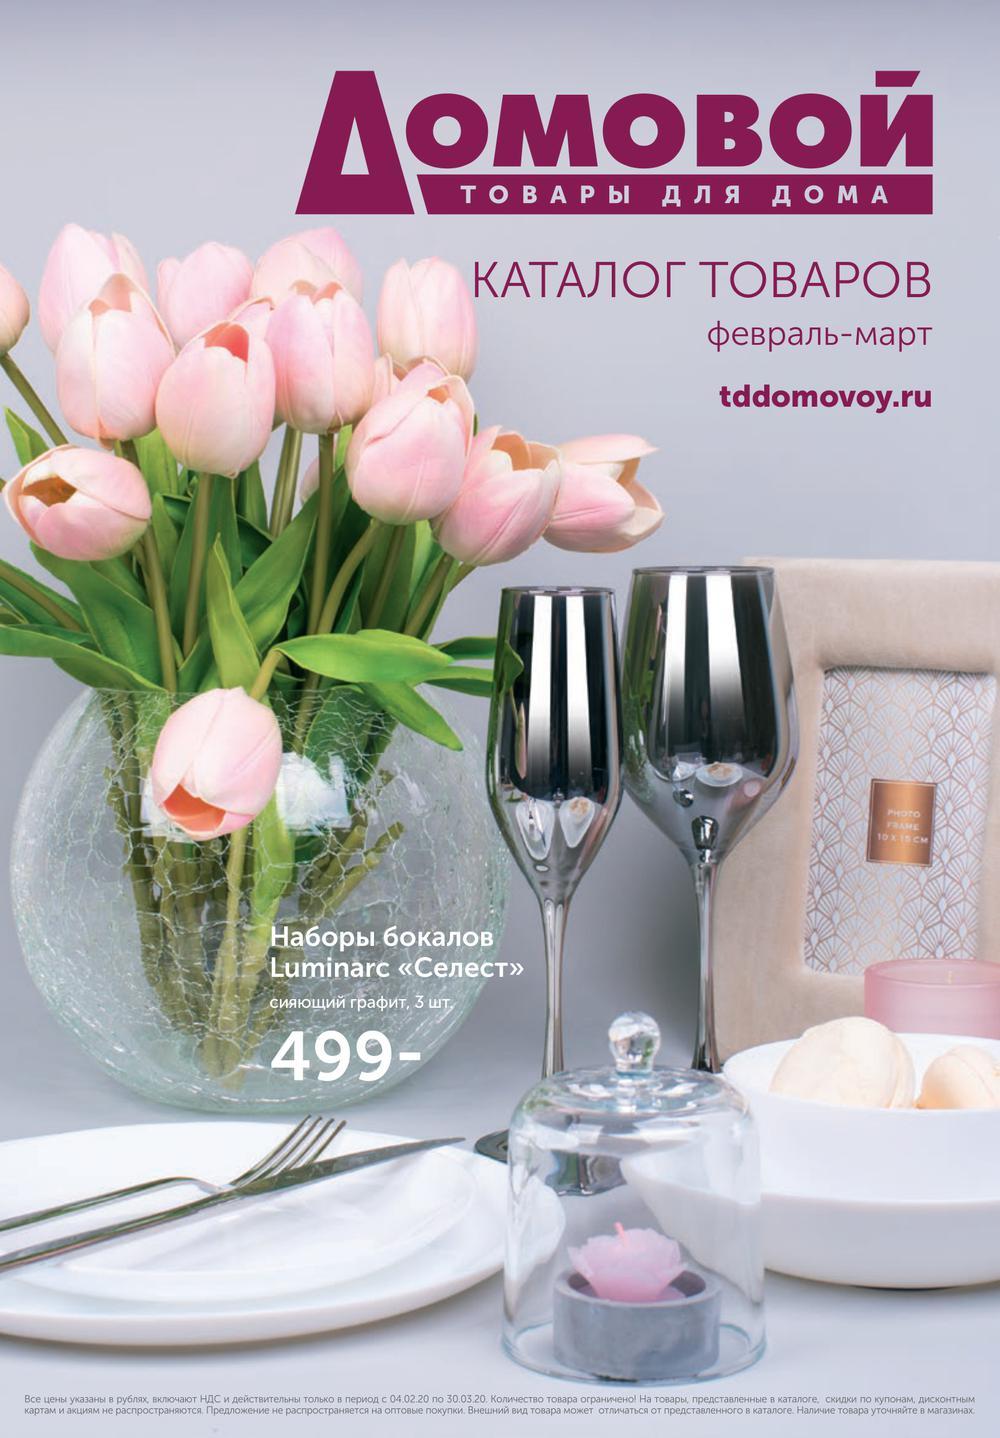 Домовой Брянск Магазин Каталог Товаров